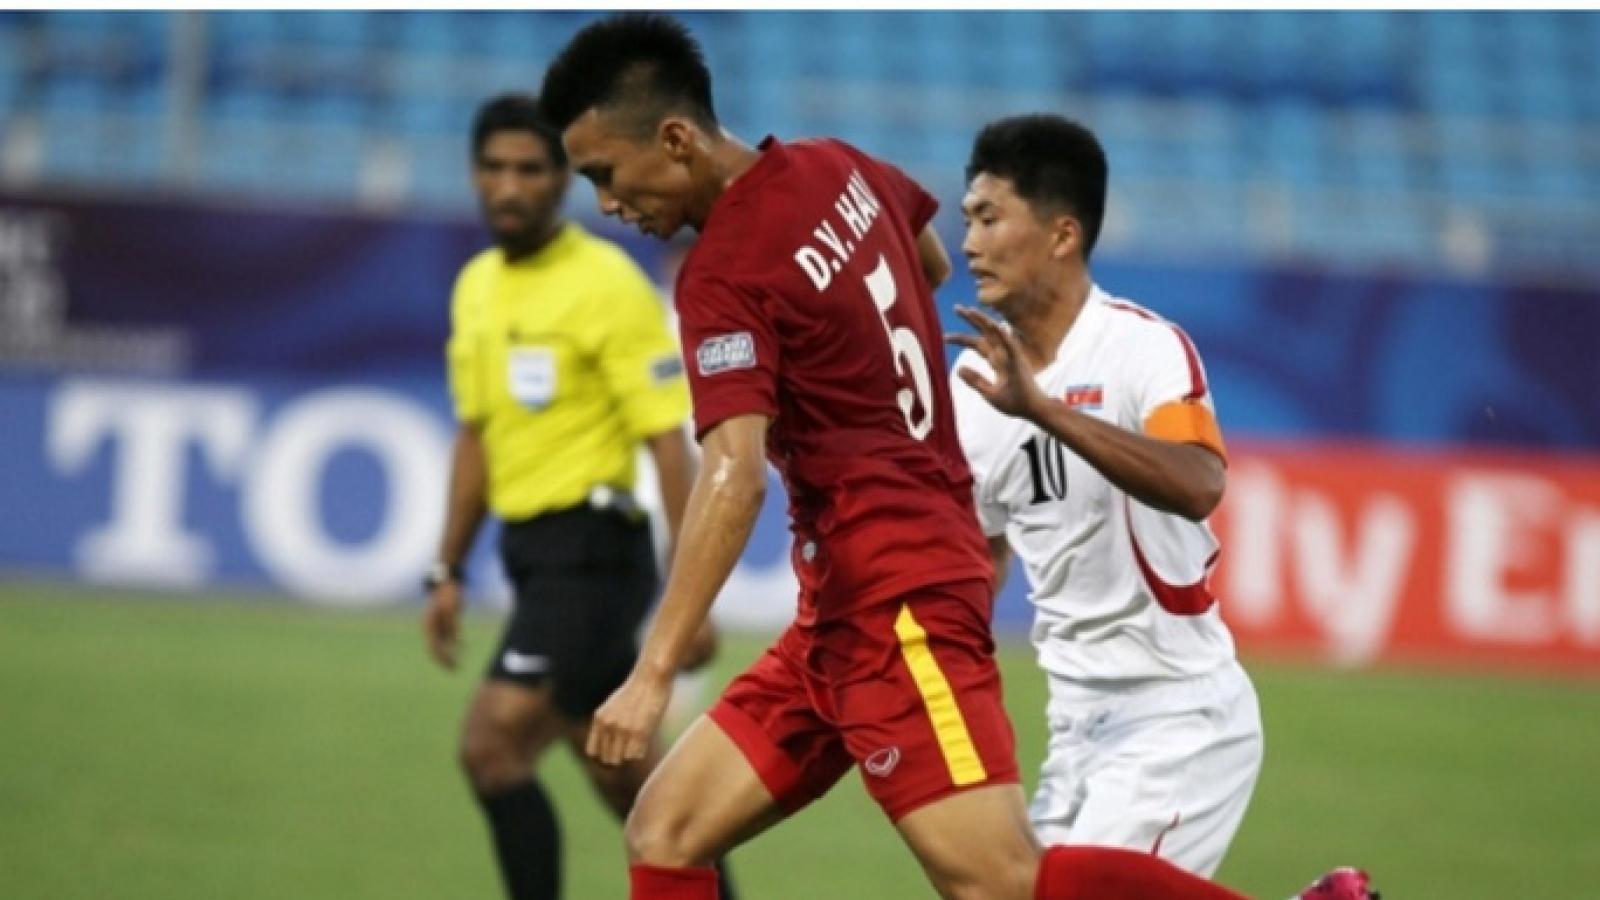 Ngày này năm xưa: Đoàn Văn Hậu ghi siêu phẩm ở giải U19 châu Á